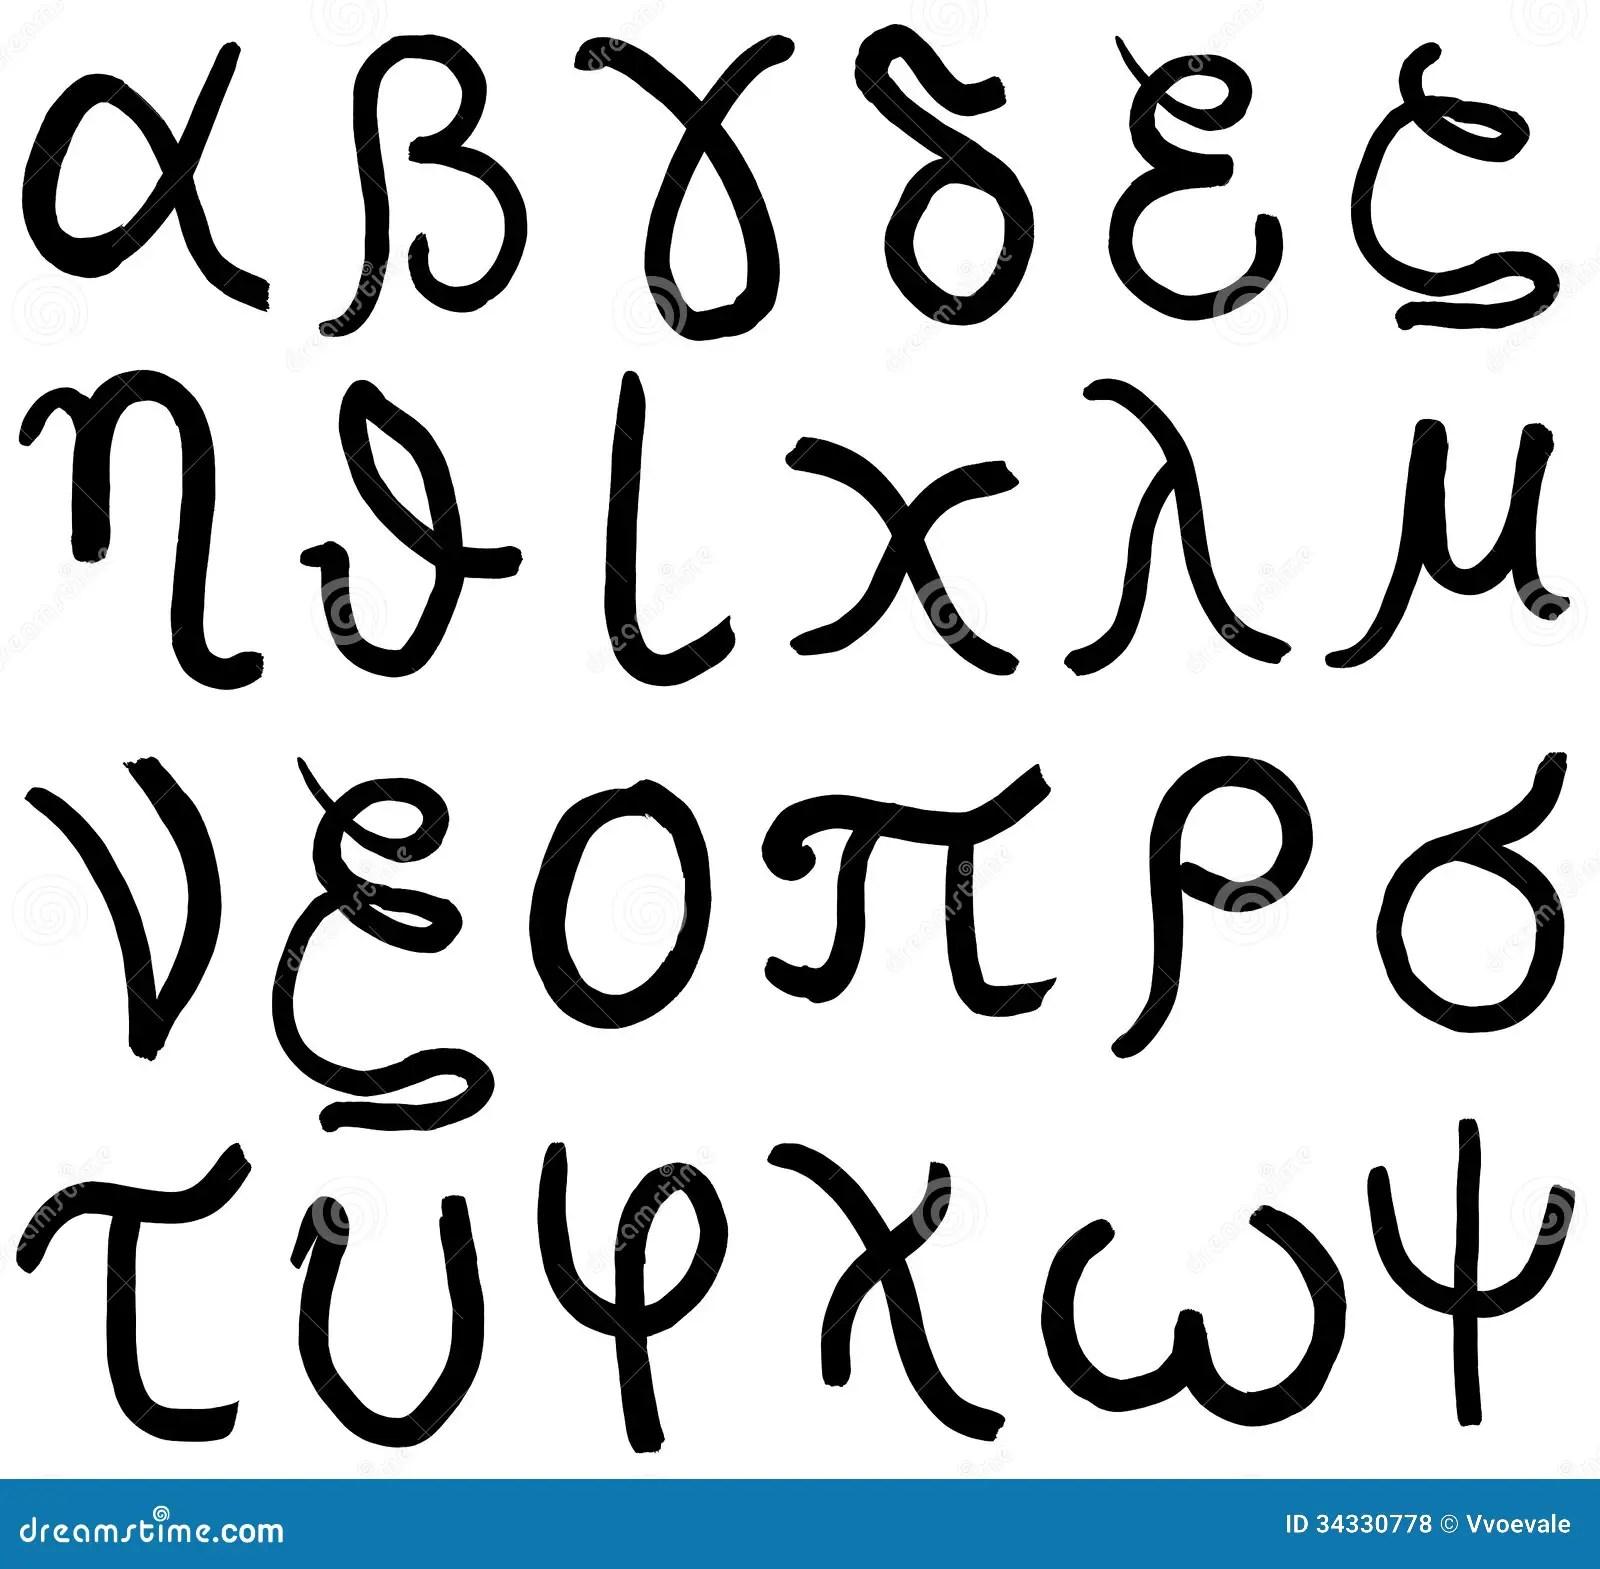 Greek Lowercase Letters Hand Written In Black Ink Royalty